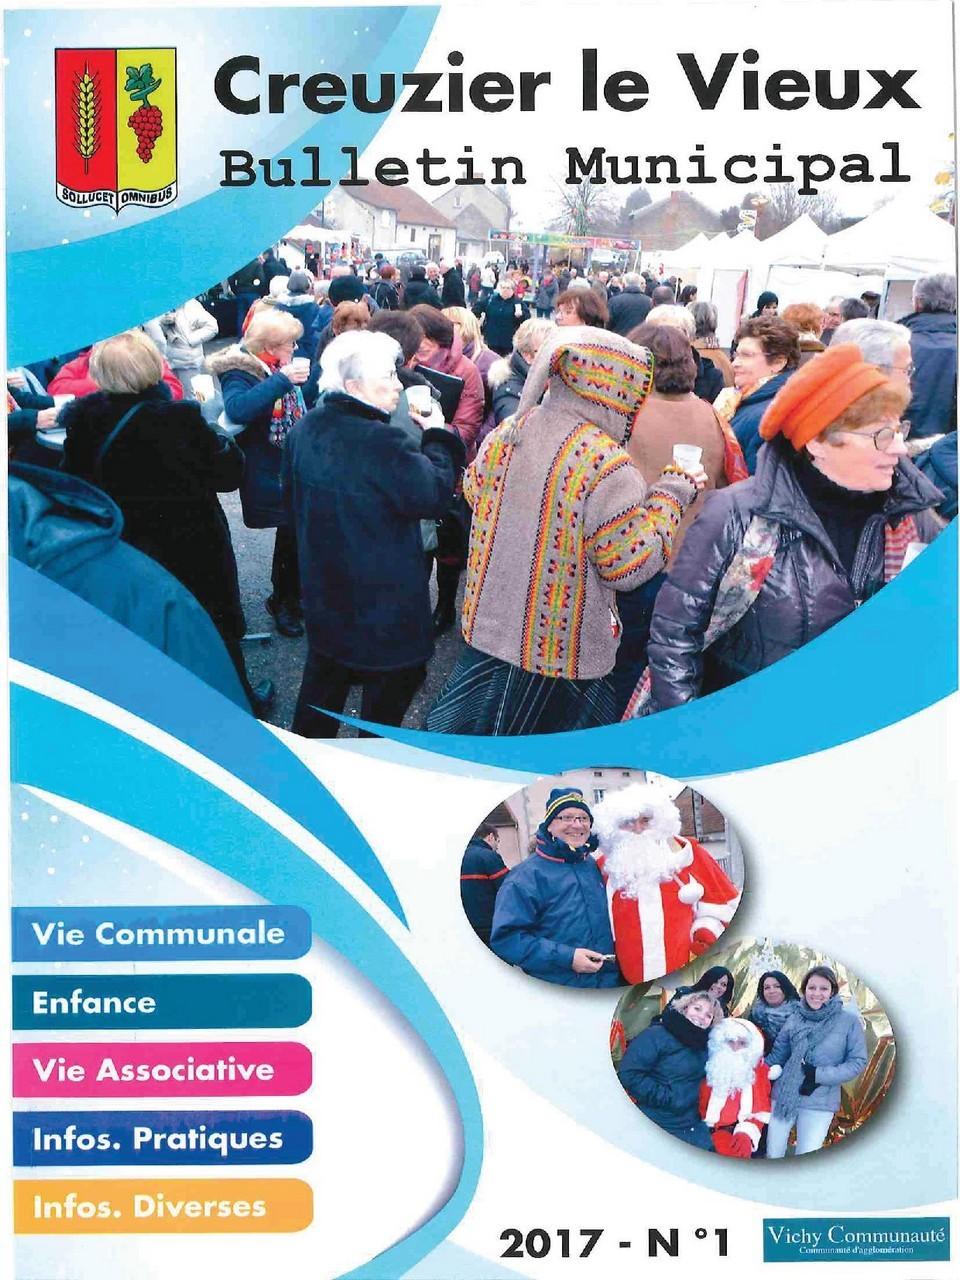 http://www.creuzier-le-vieux.com/wp-content/uploads/2016/11/BM2-2016-CREUZIER-LE-VIEUX2.pdf